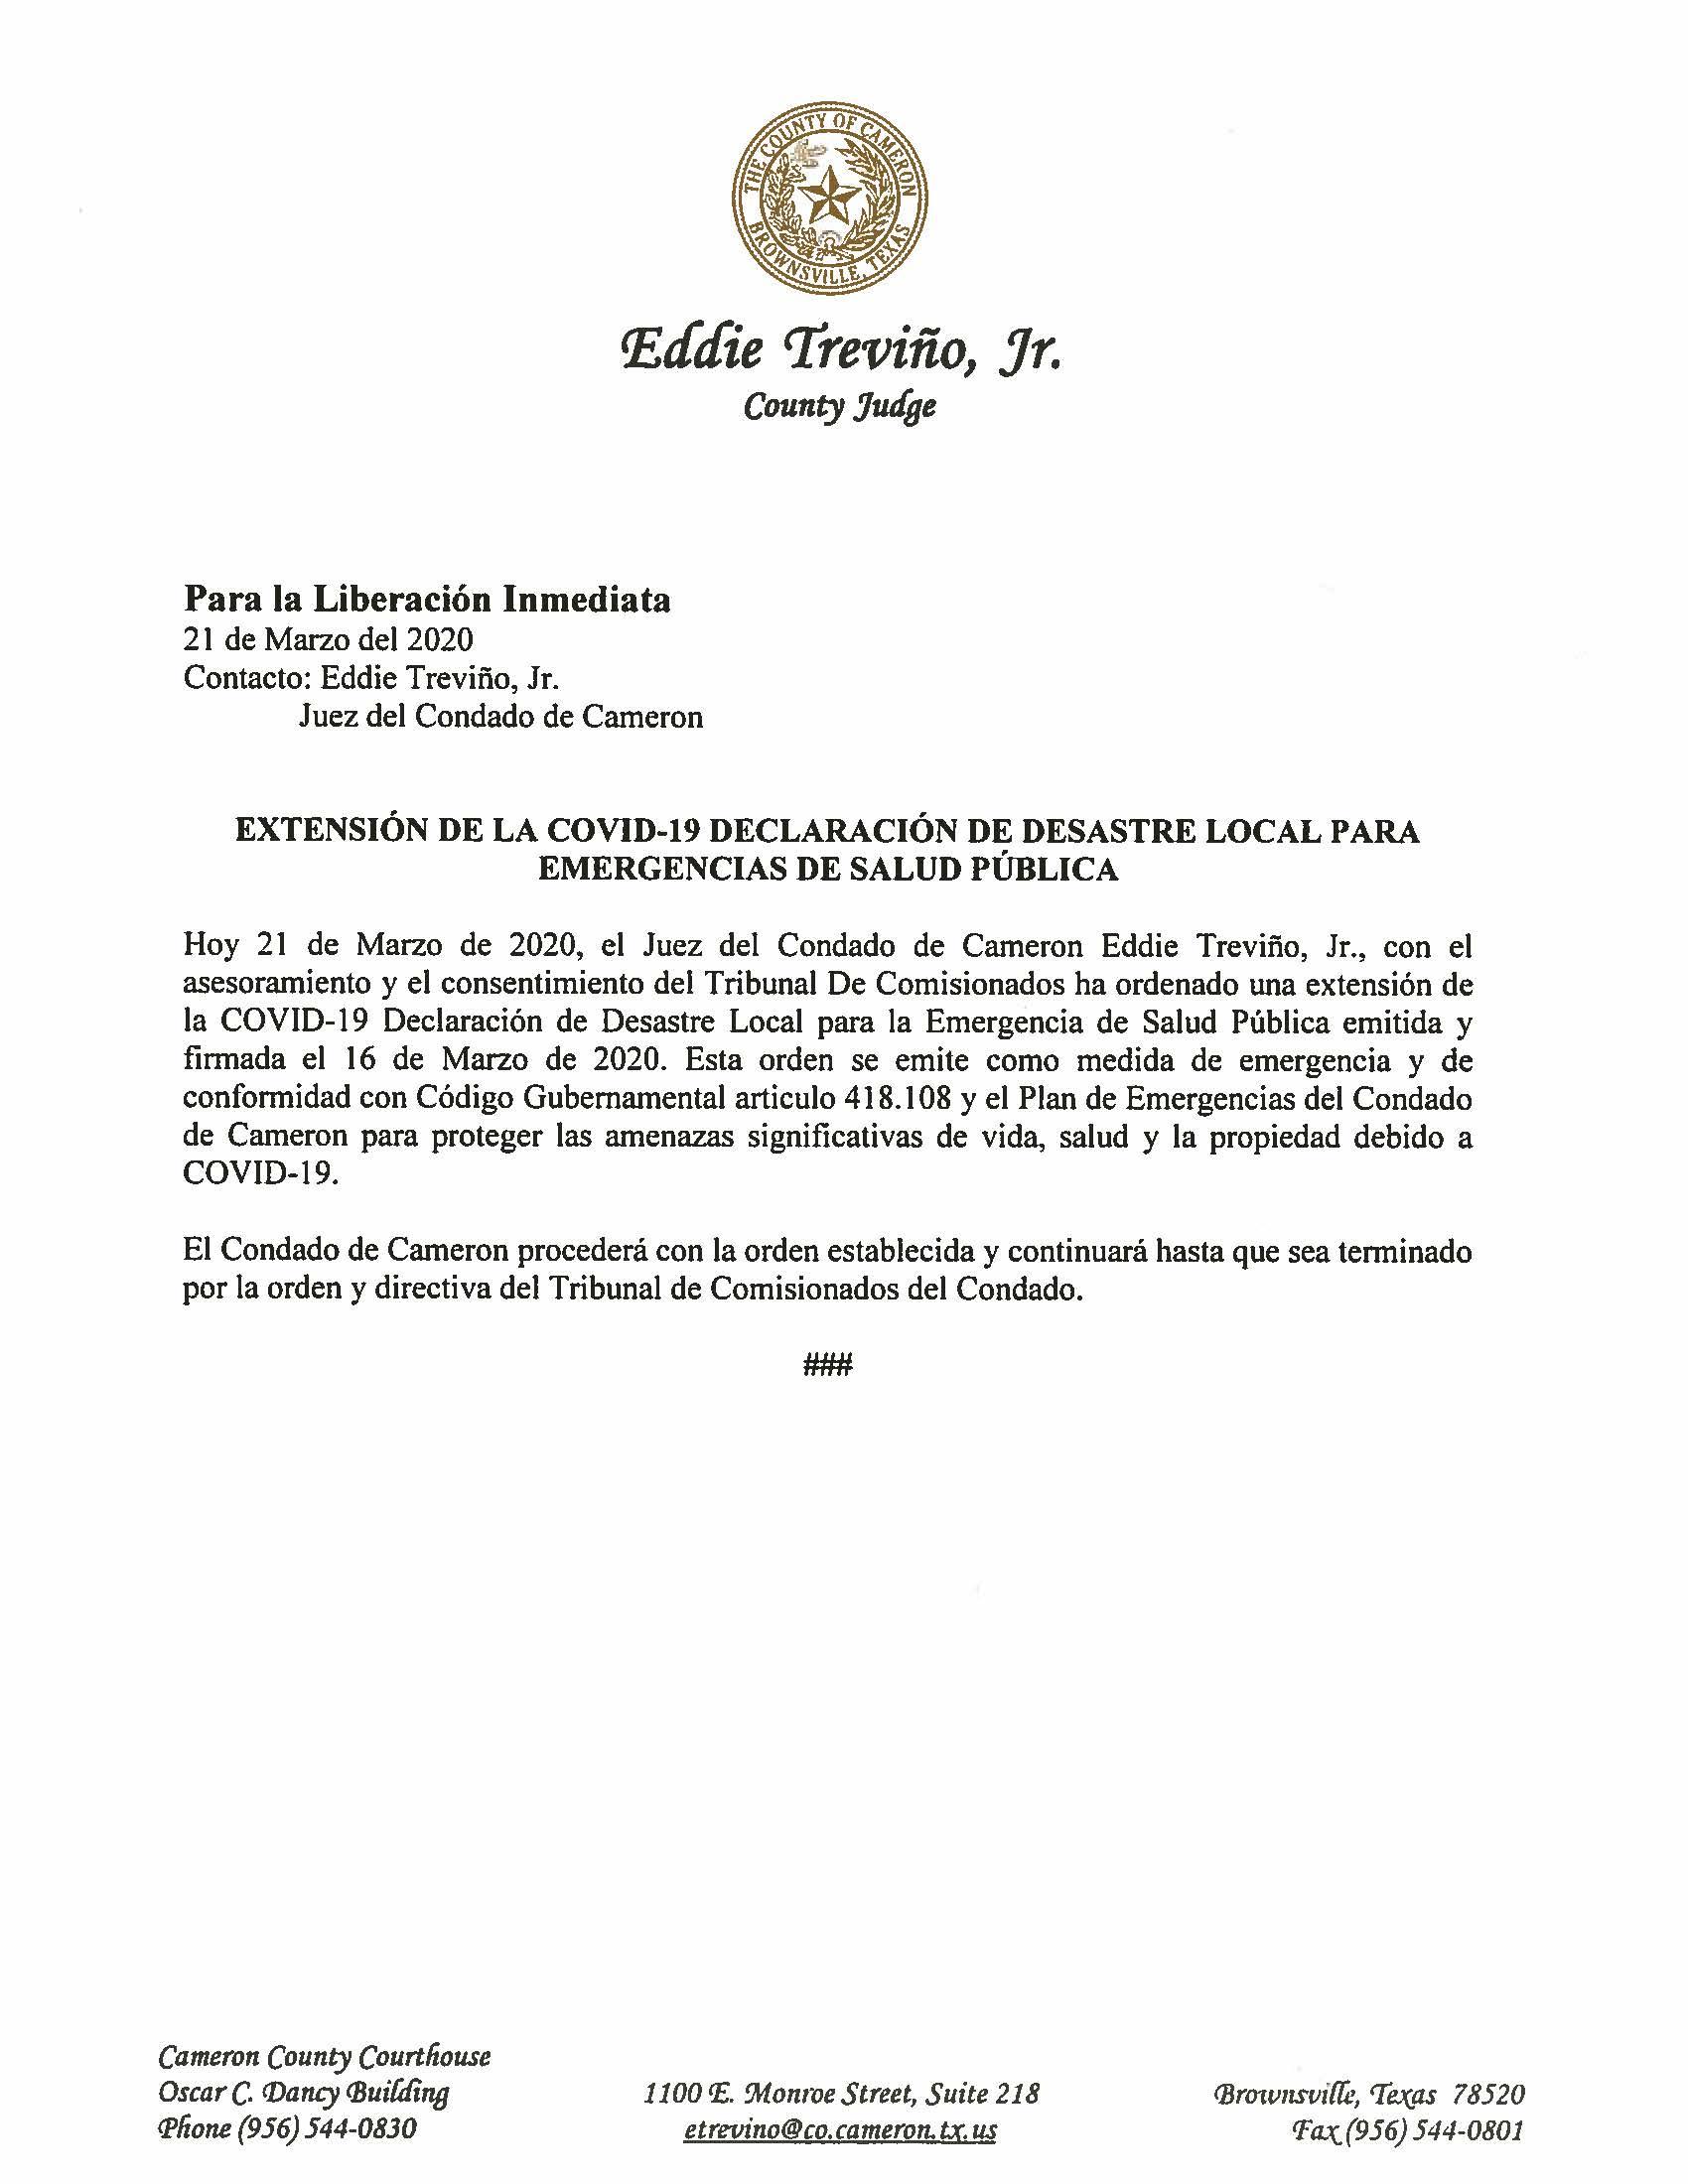 03.21.2020 Para La Liberacion Inmediata Extension De La OVID19 Declaracion